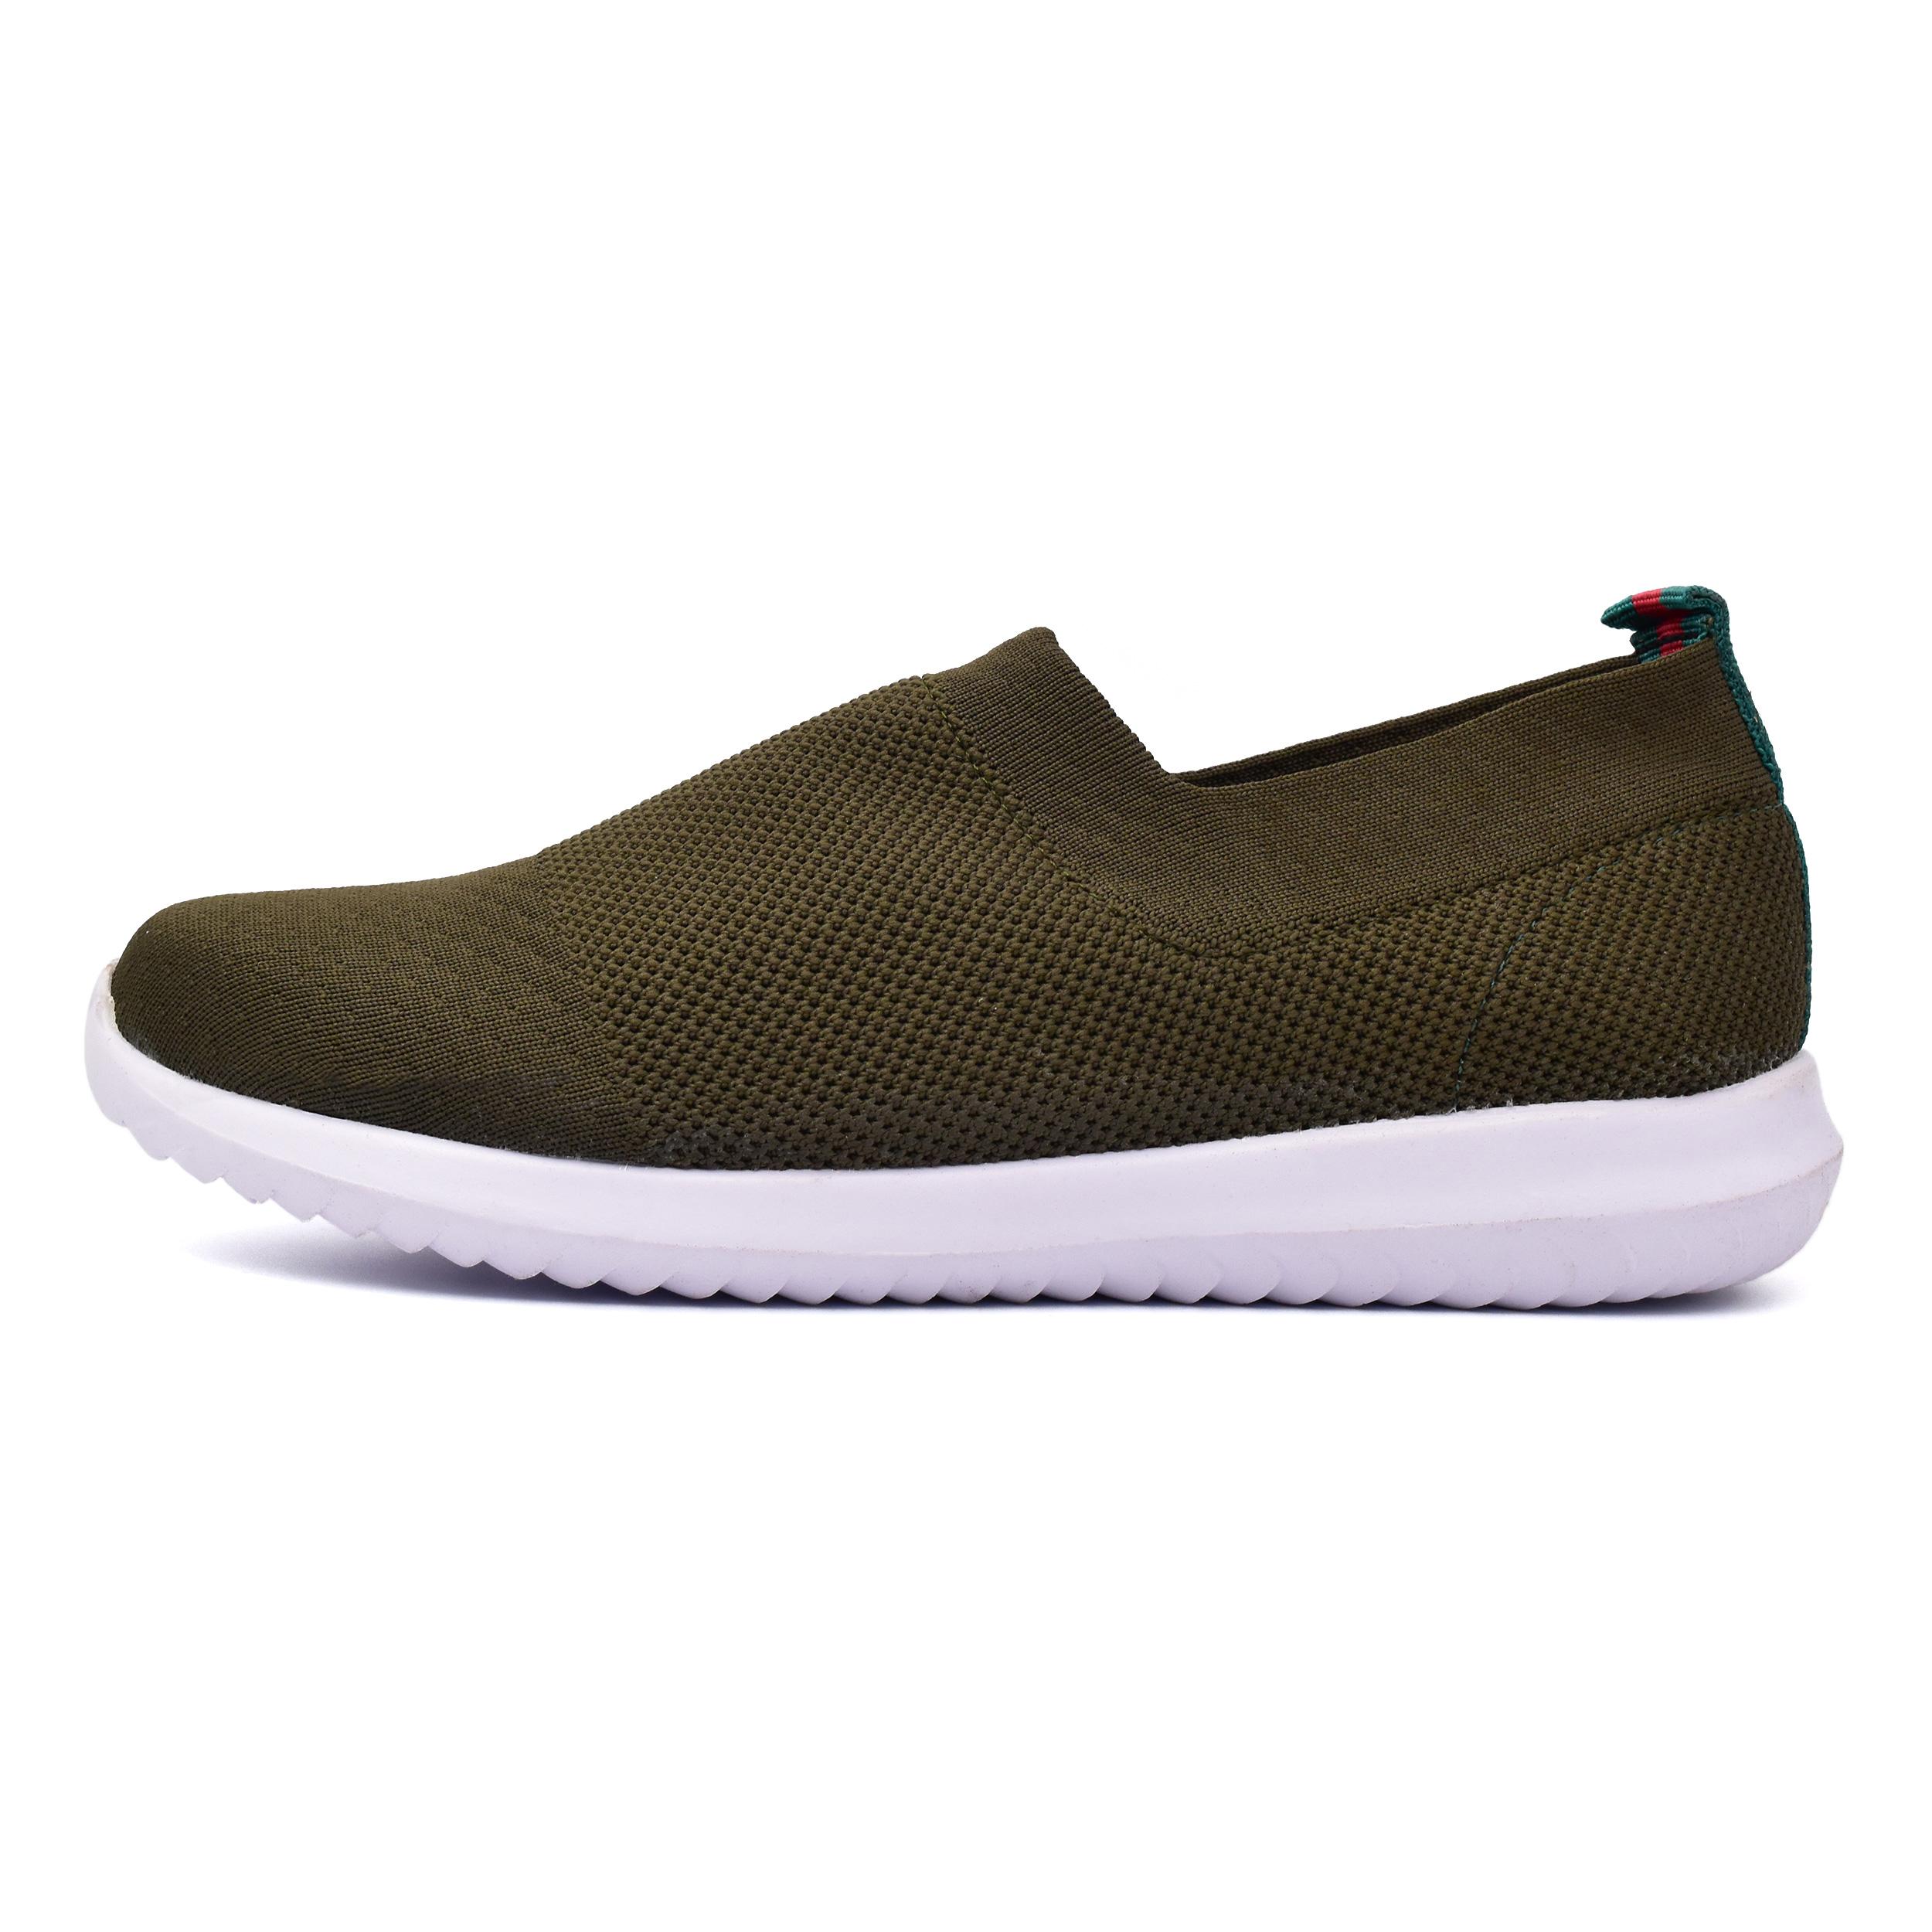 کفش مخصوص پیاده روی مردانه مدل فارال کد 5925